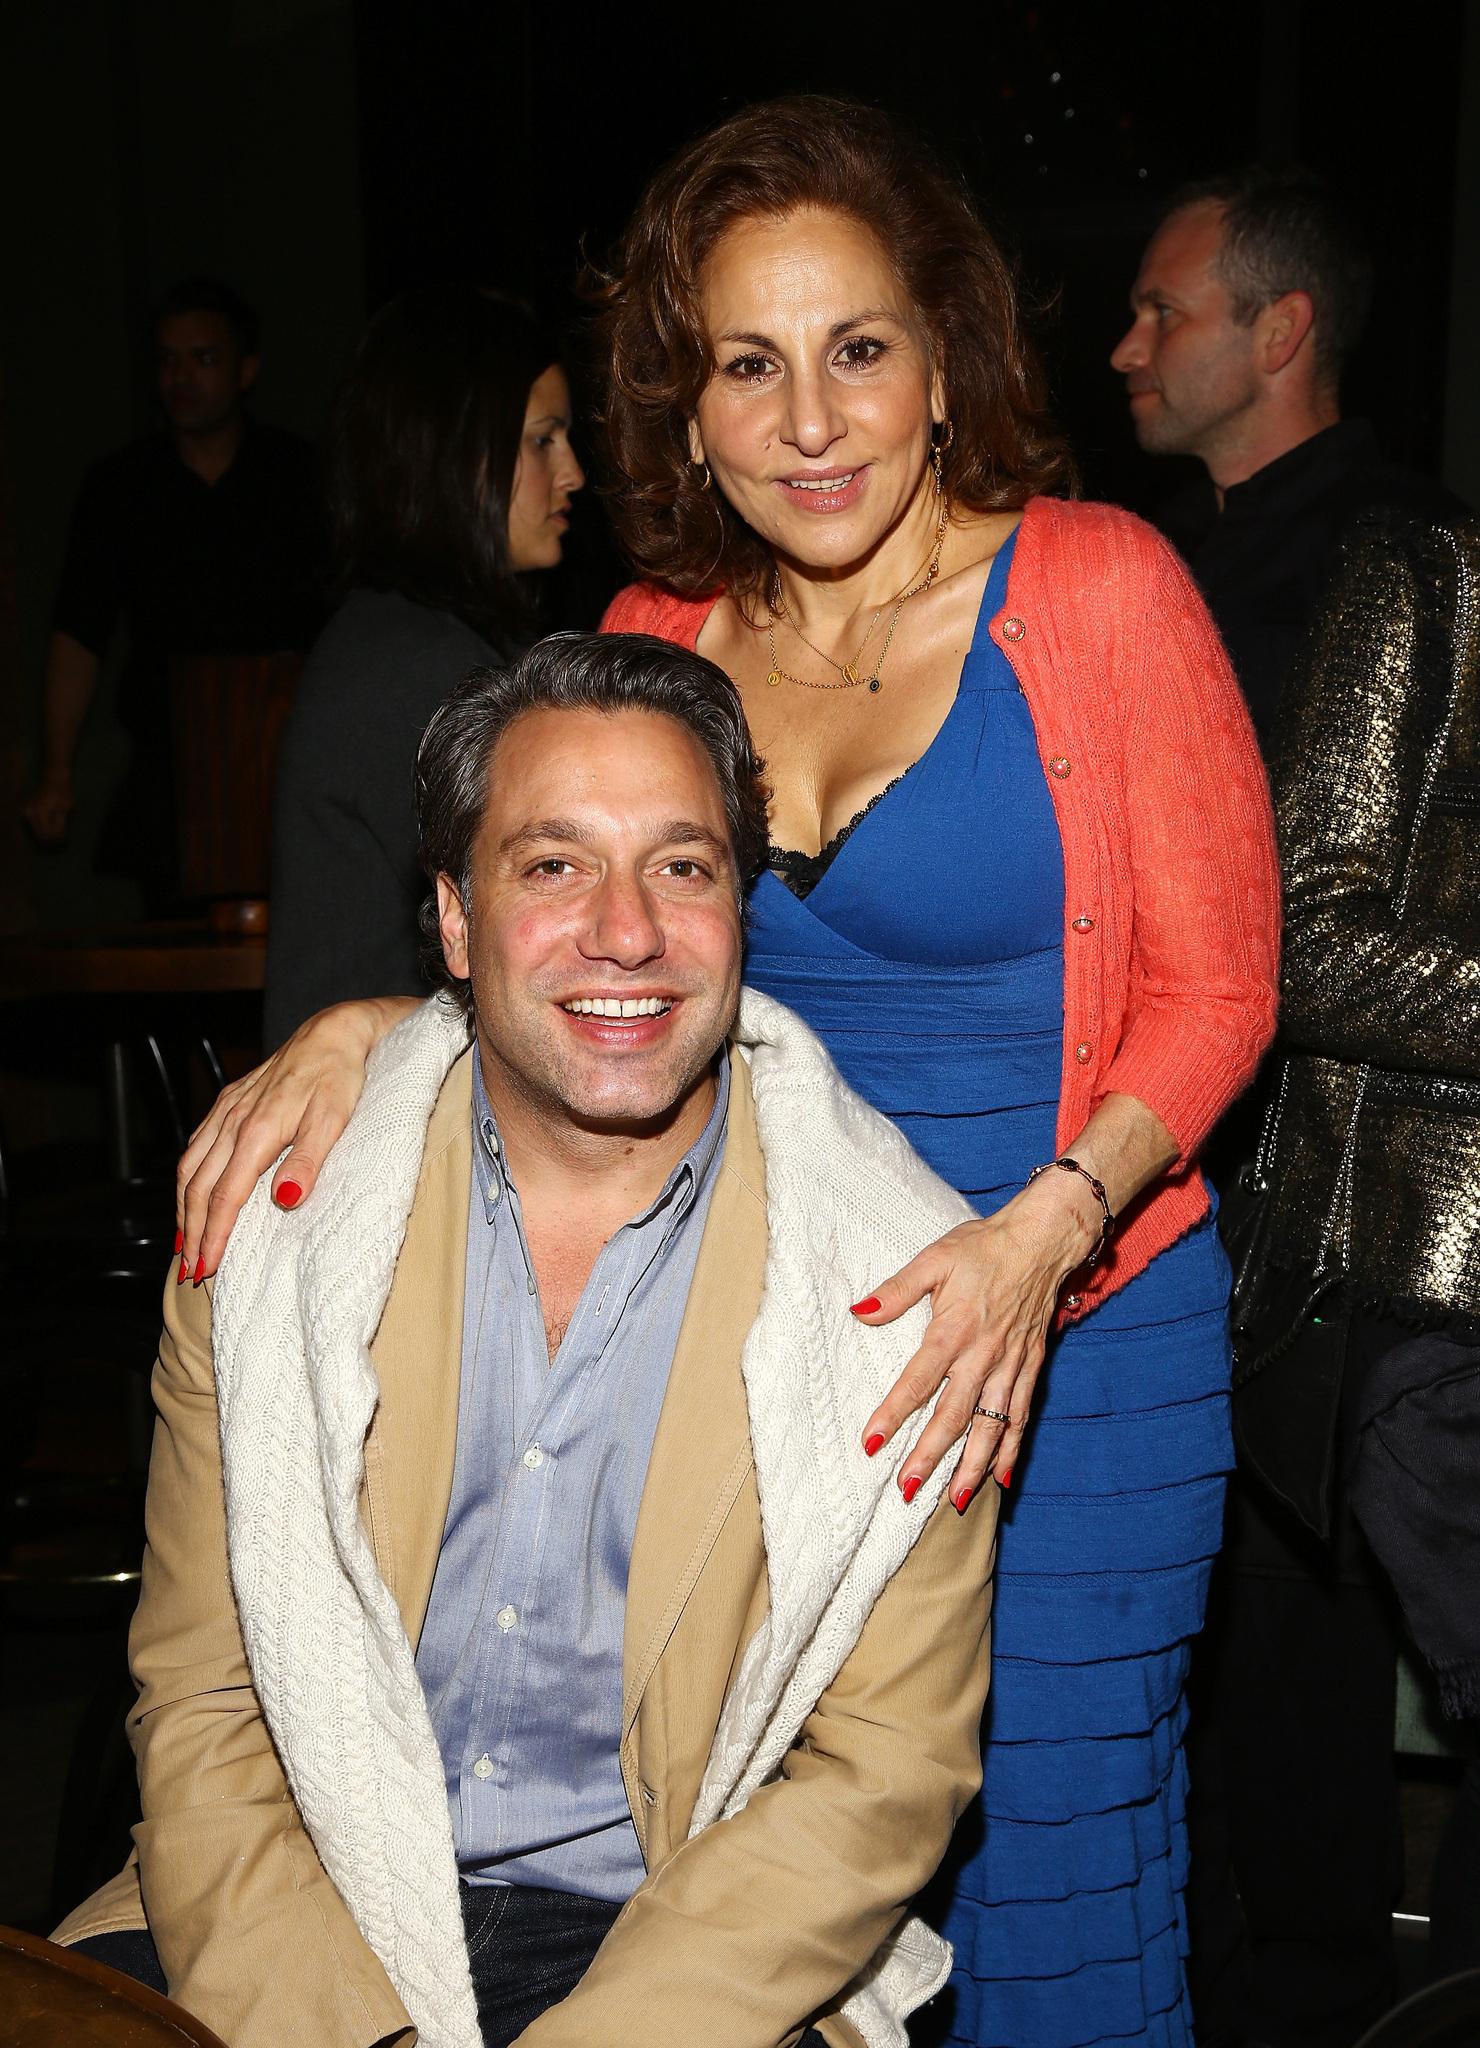 Kathy Najimy and Thom Filicia